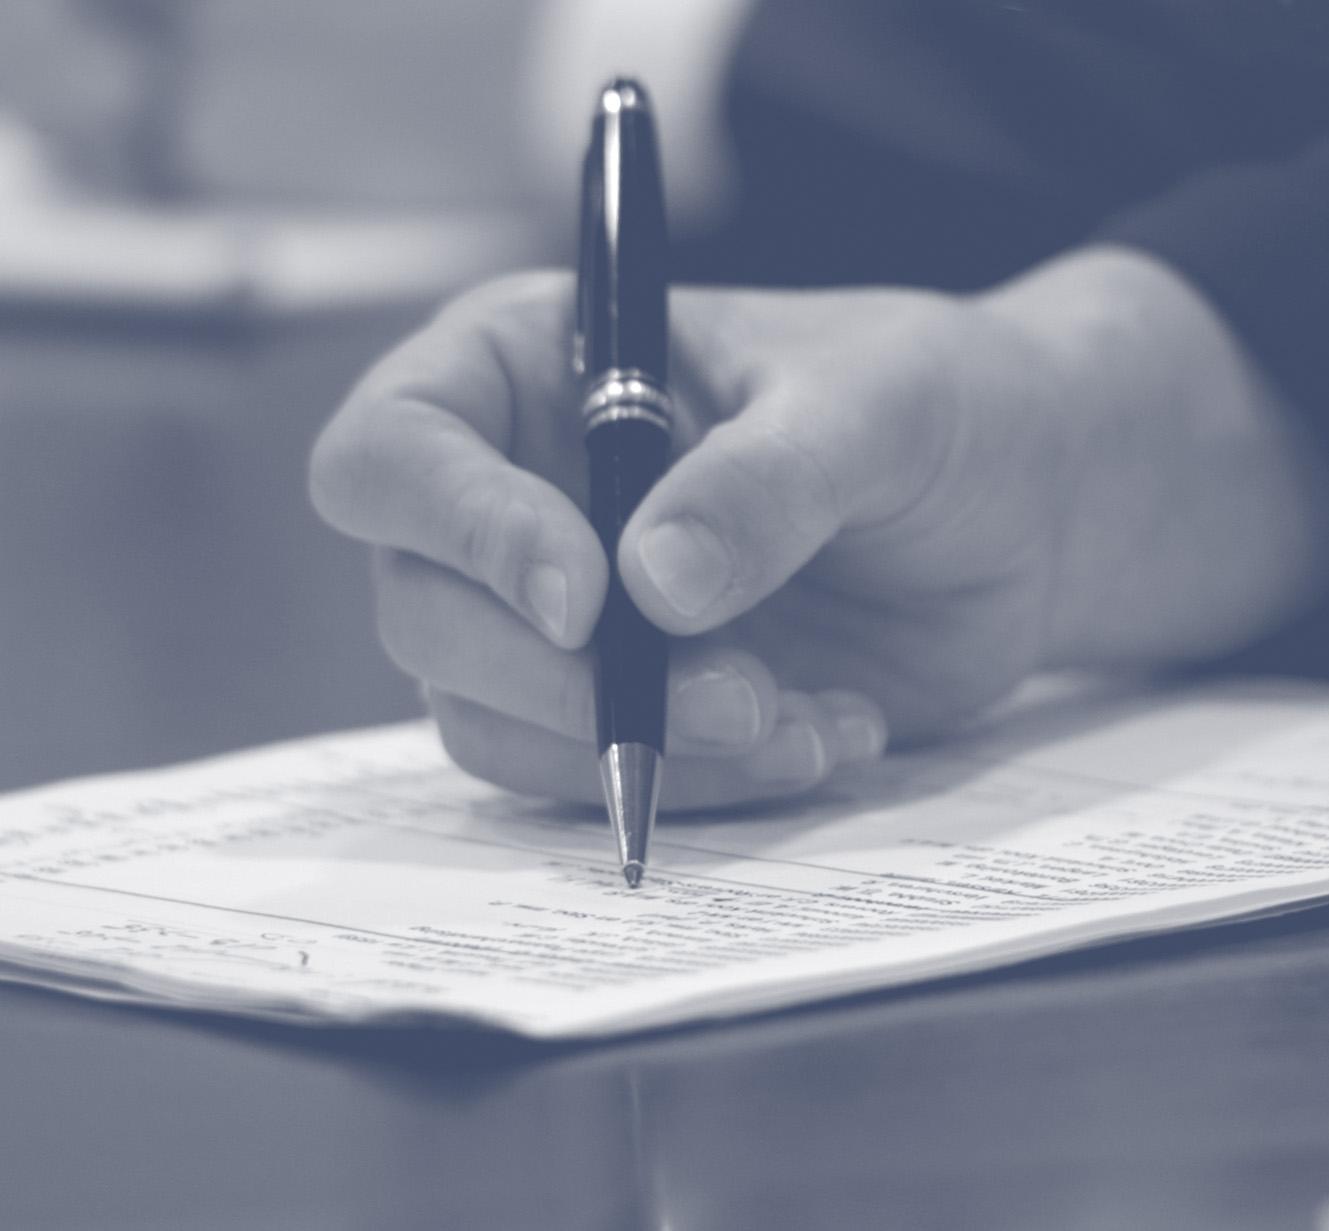 essaywedstrijd 2012